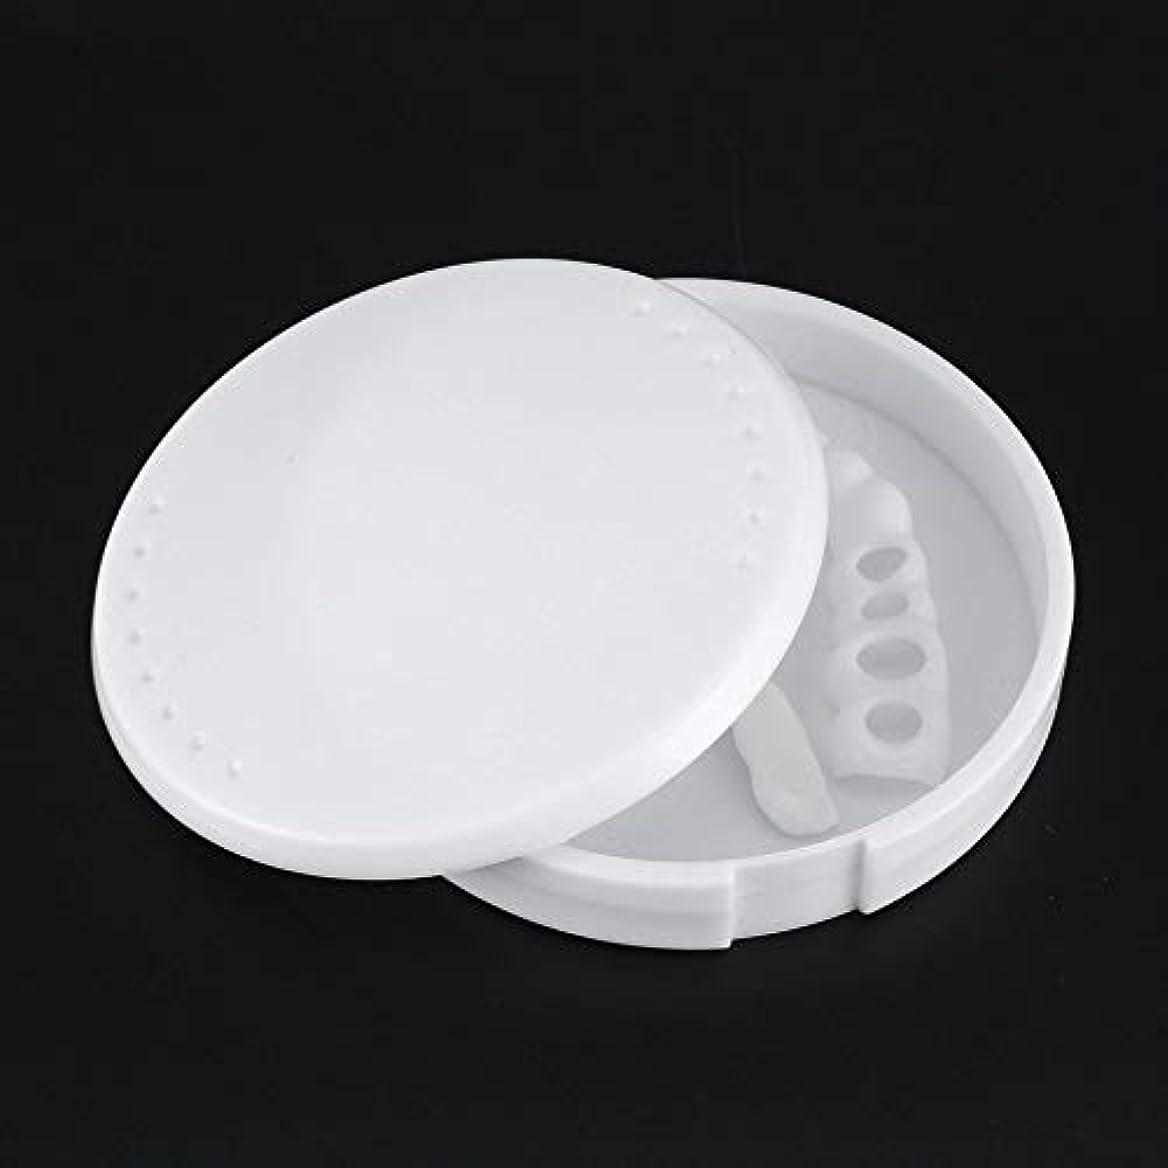 軽く補充死ぬ歯の快適なスナップインスタントパーフェクトスマイルホワイトニングスマイルティースカバー-Innovationo